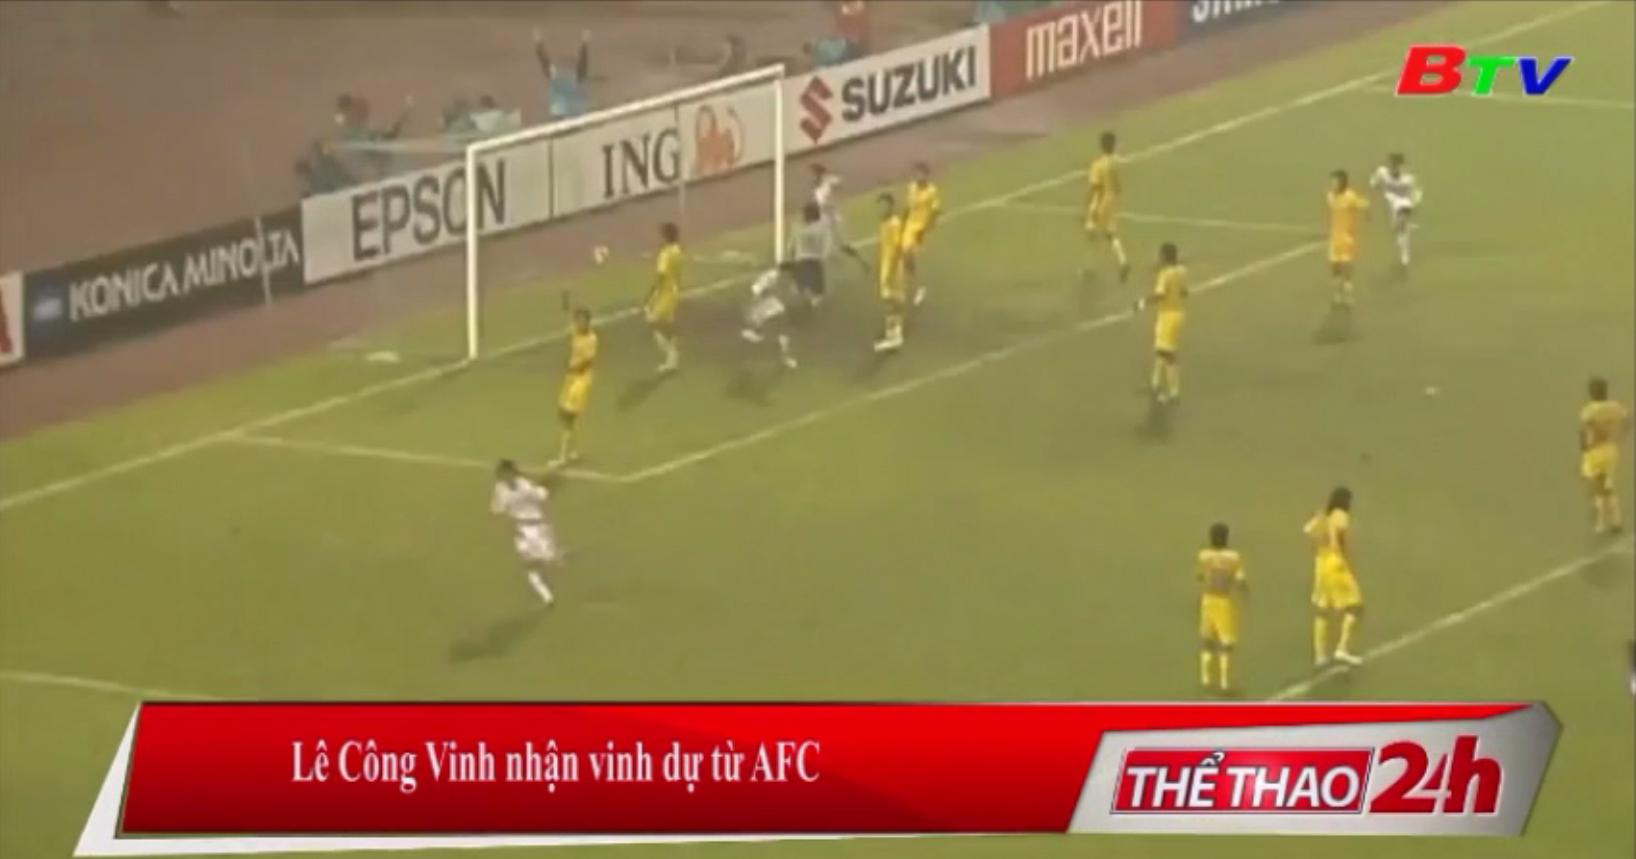 Lê Công Vinh nhận vinh dự từ AFC